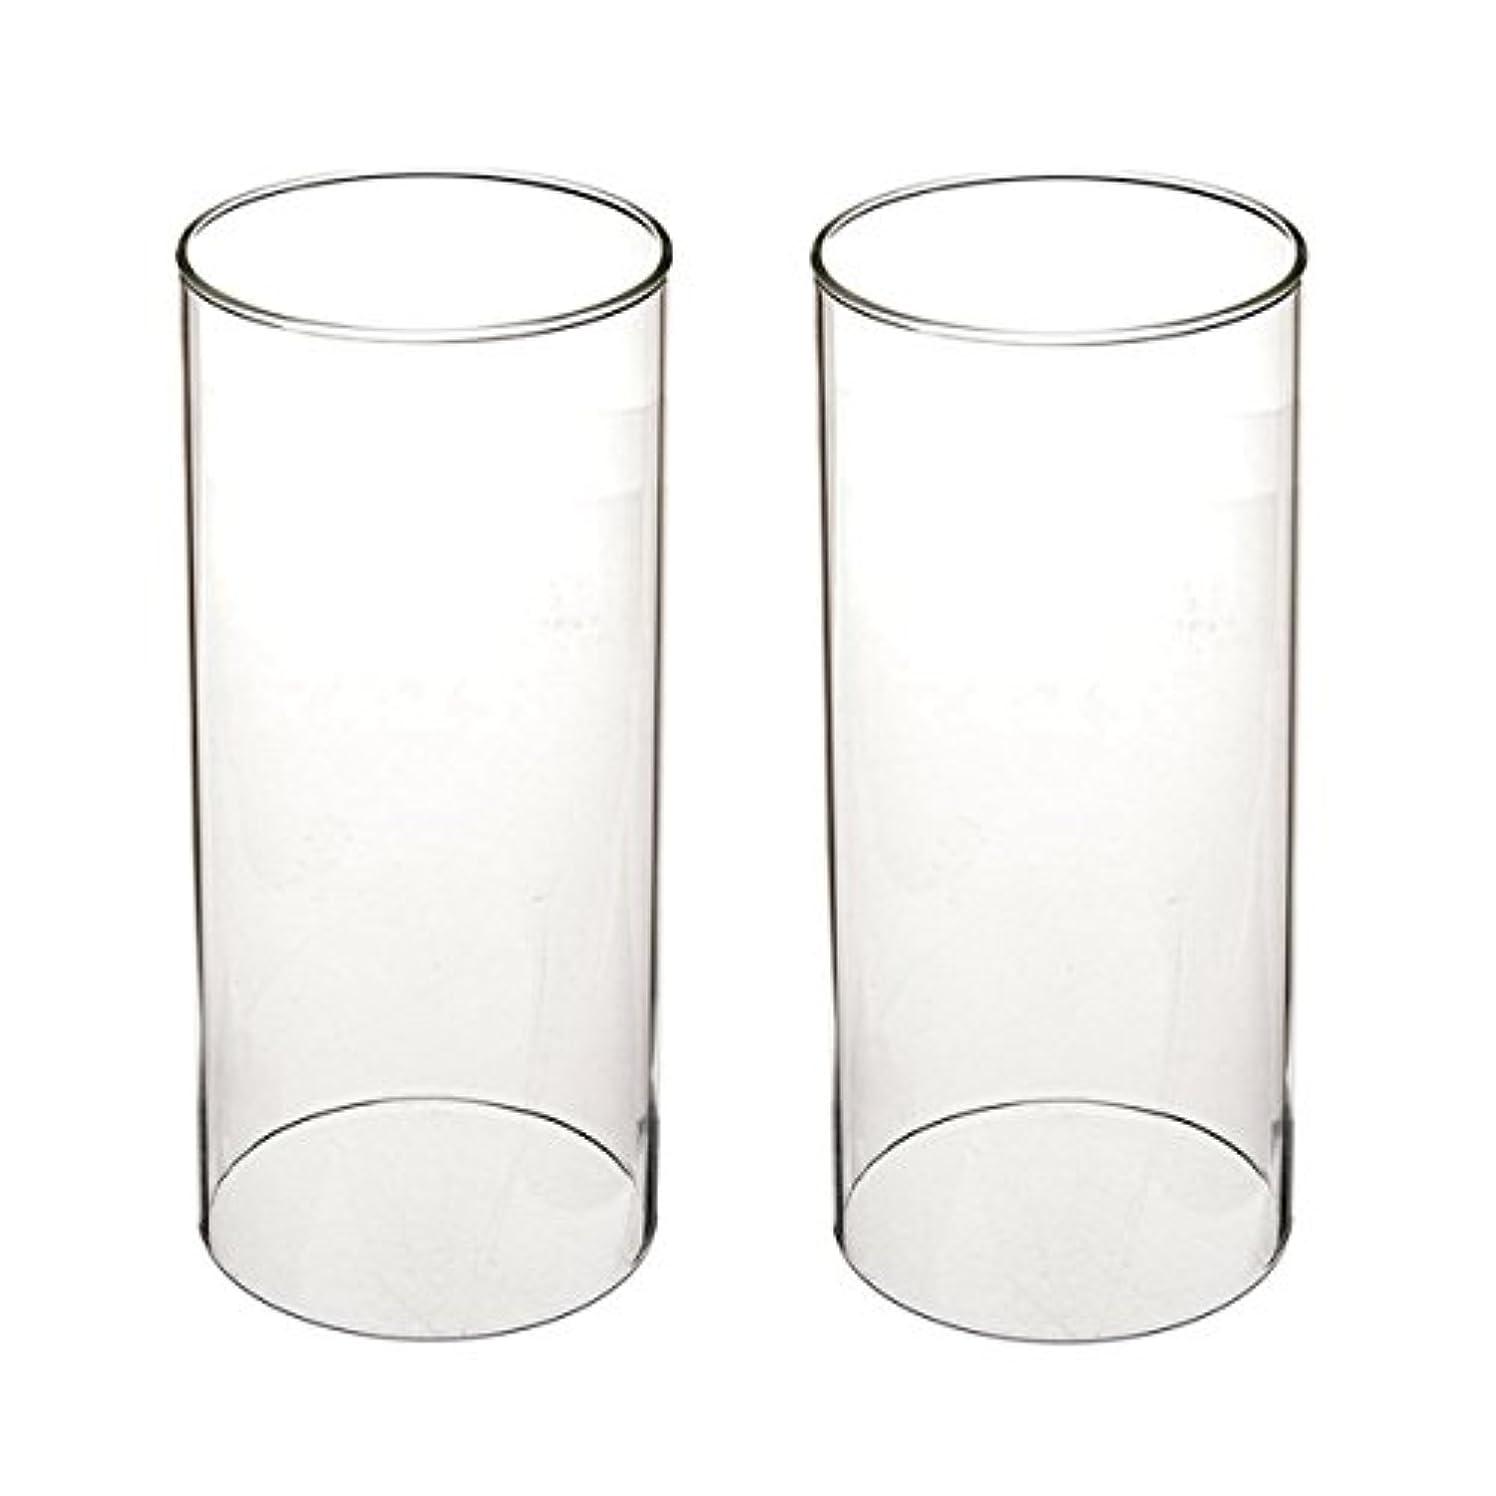 米国援助道ガラス煙突for Candleオープンエンド、ホウケイ酸ガラス( d3 h8